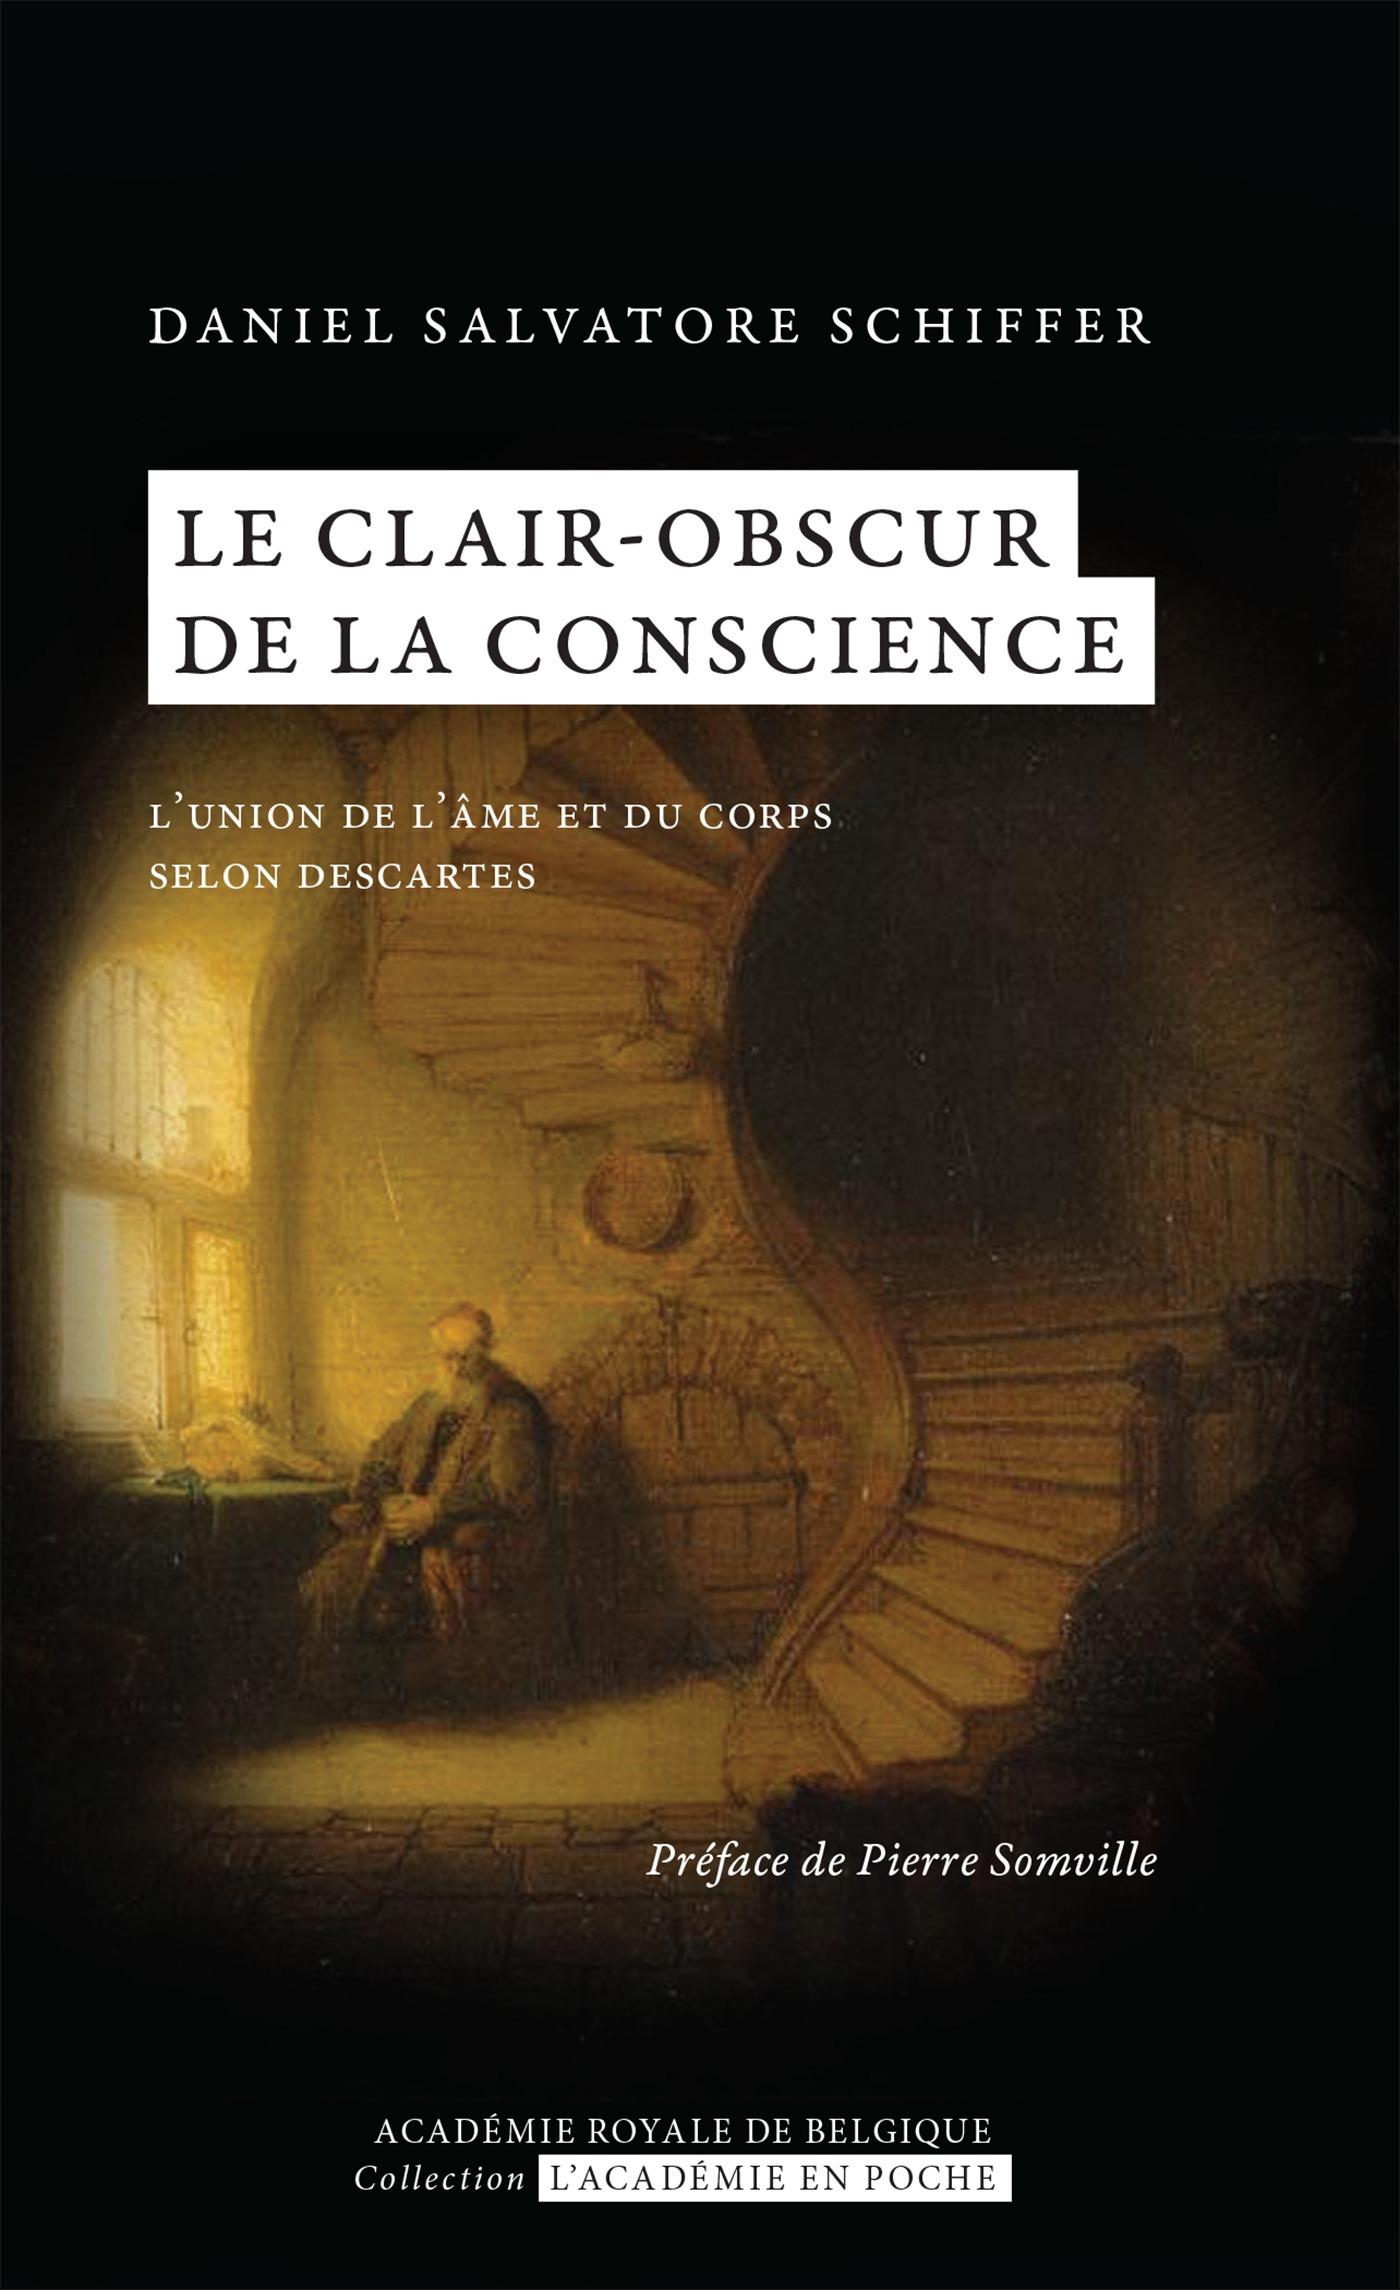 Le clair-obscur de la conscience